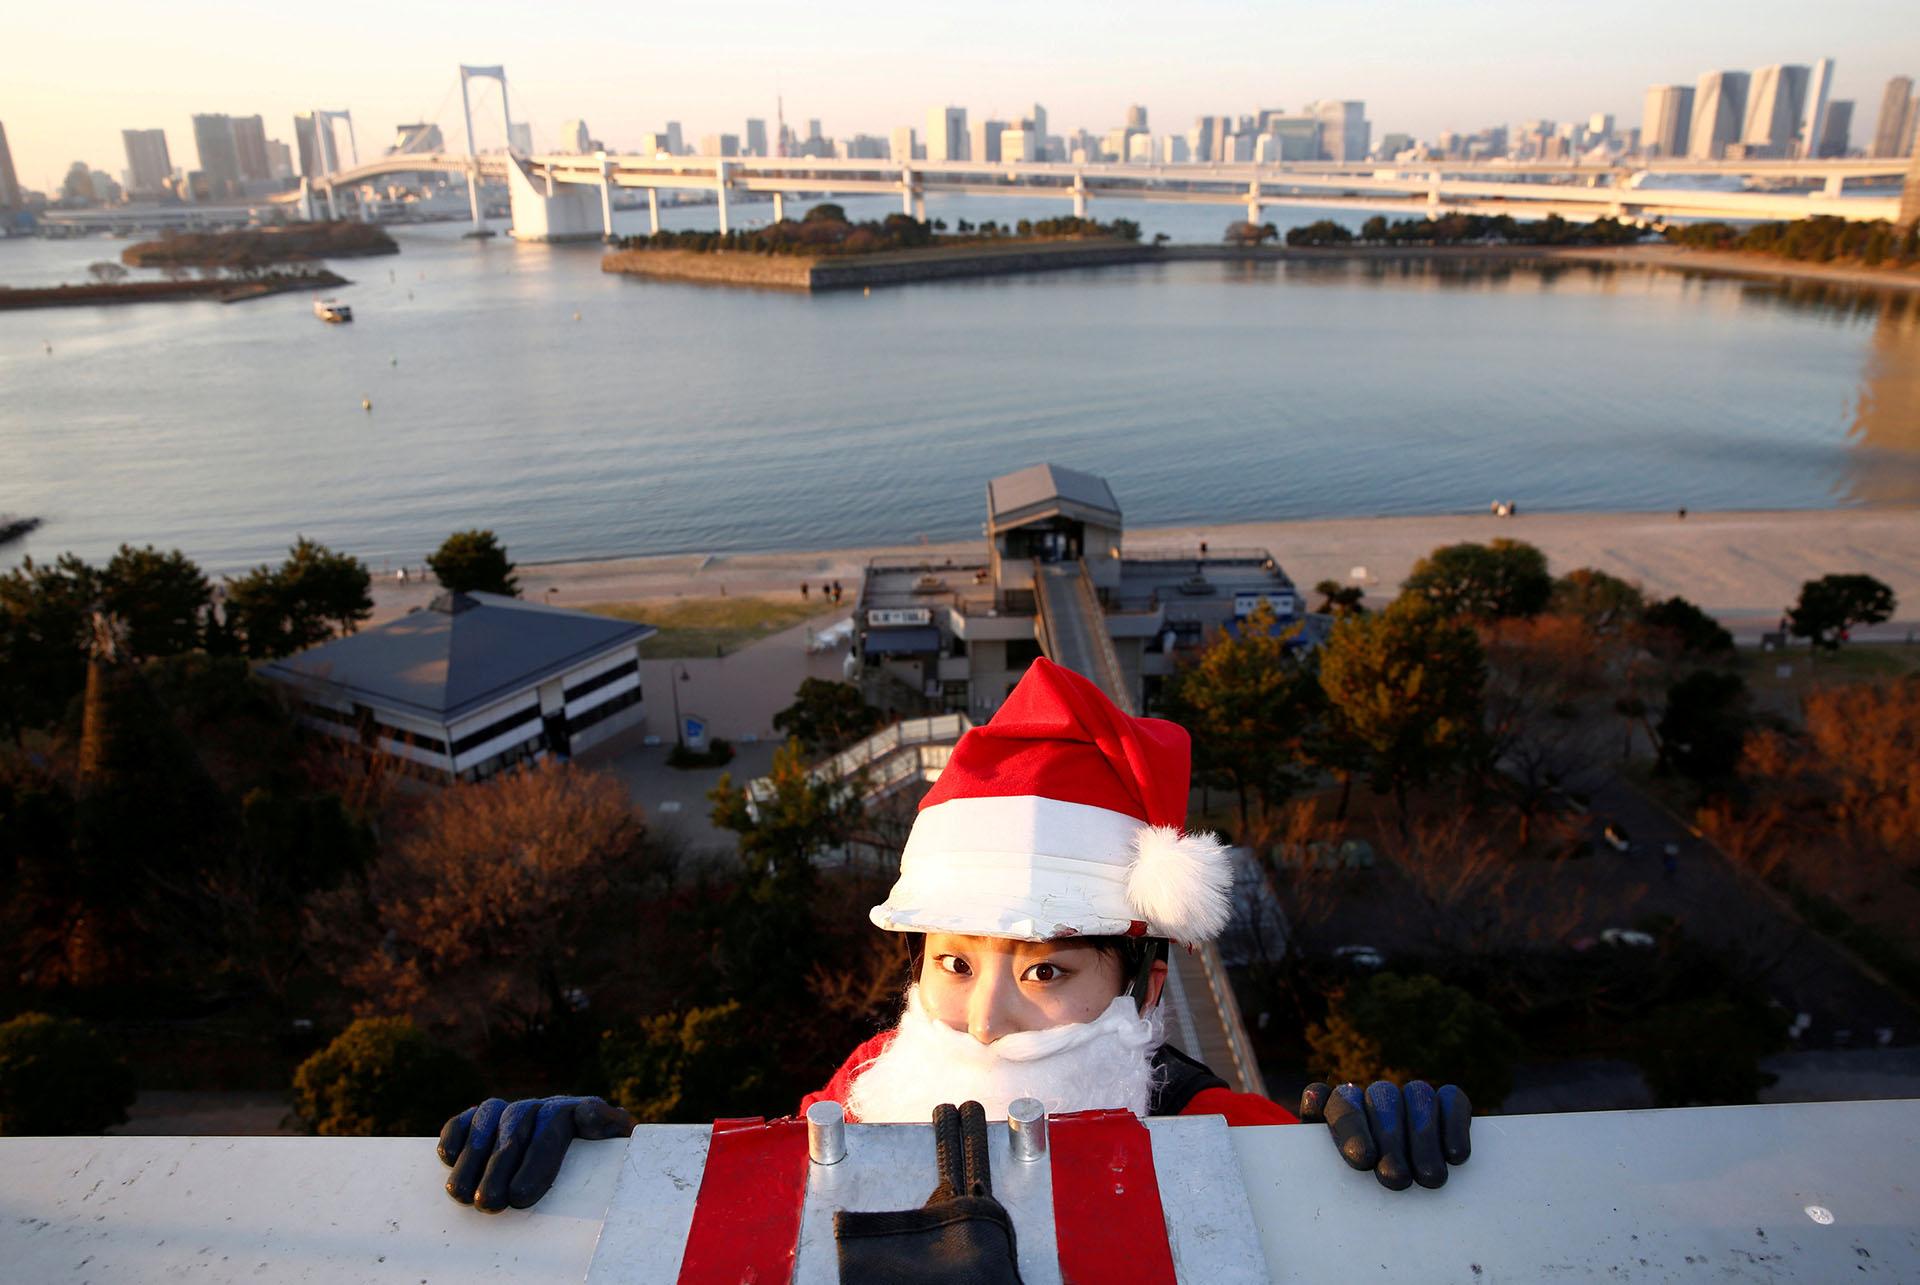 Una limpiadora de ventanas femenina vestida como Santa Claus se prepara para limpiar una ventana de vidrio en un evento para celebrar la próxima Navidad en DECKS Tokyo Beach en Tokio, Japón, el 21 de diciembre de 2017. (Reuters)